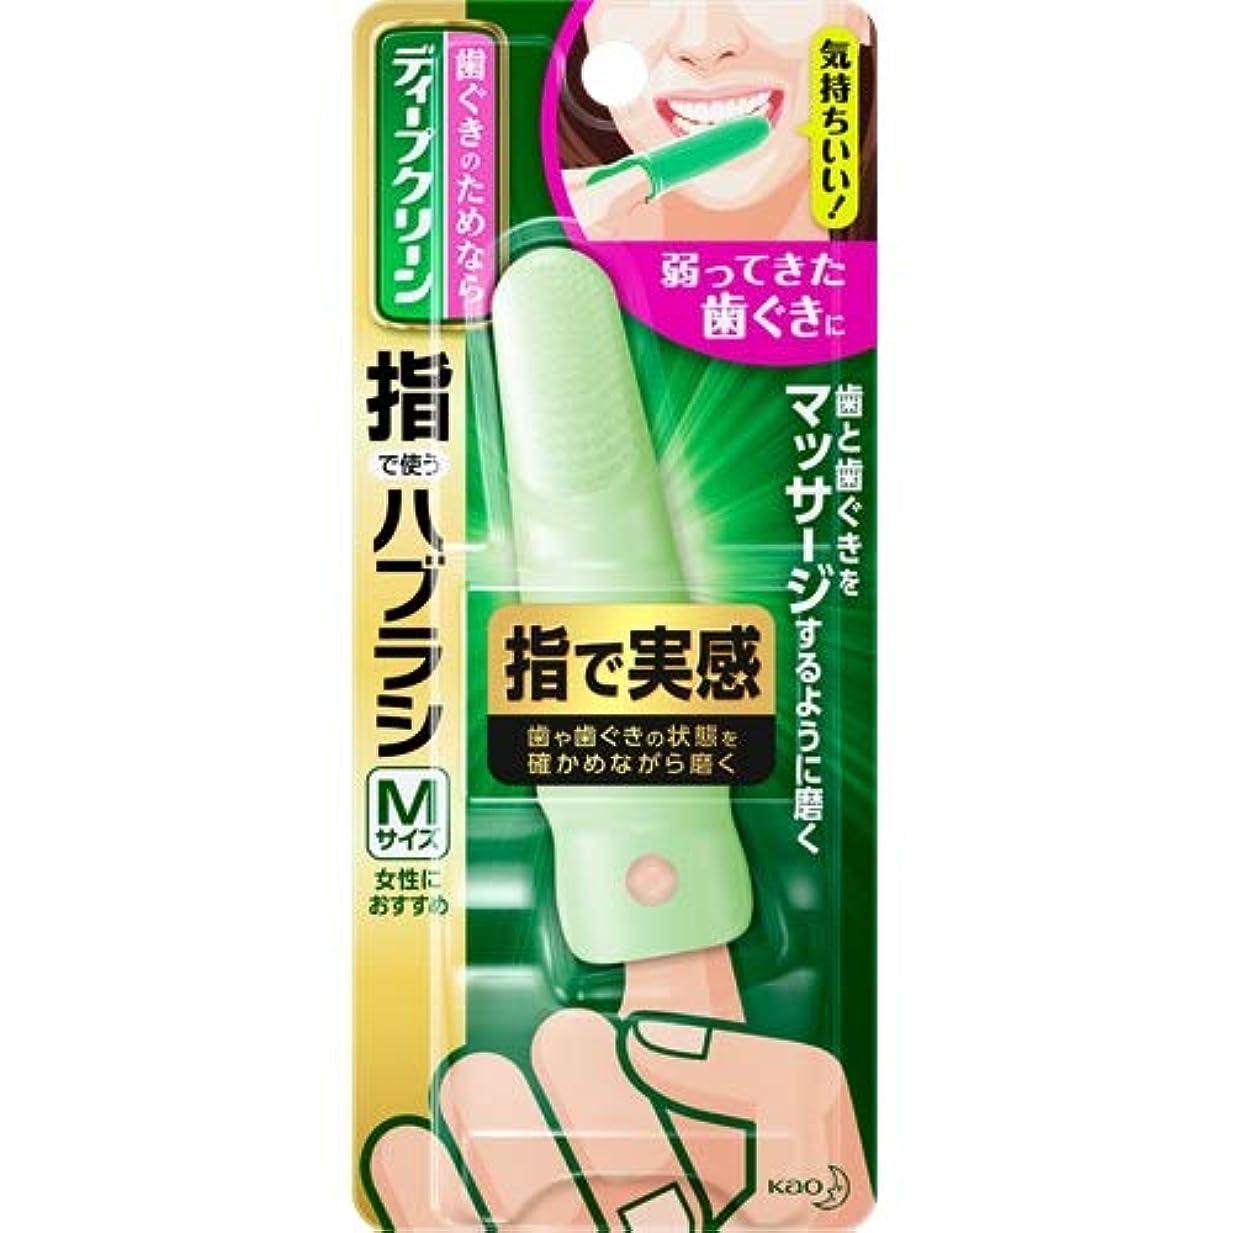 旋回ピカリングアナログディープクリーン 指で使うハブラシ Mサイズ (女性におすすめサイズ)